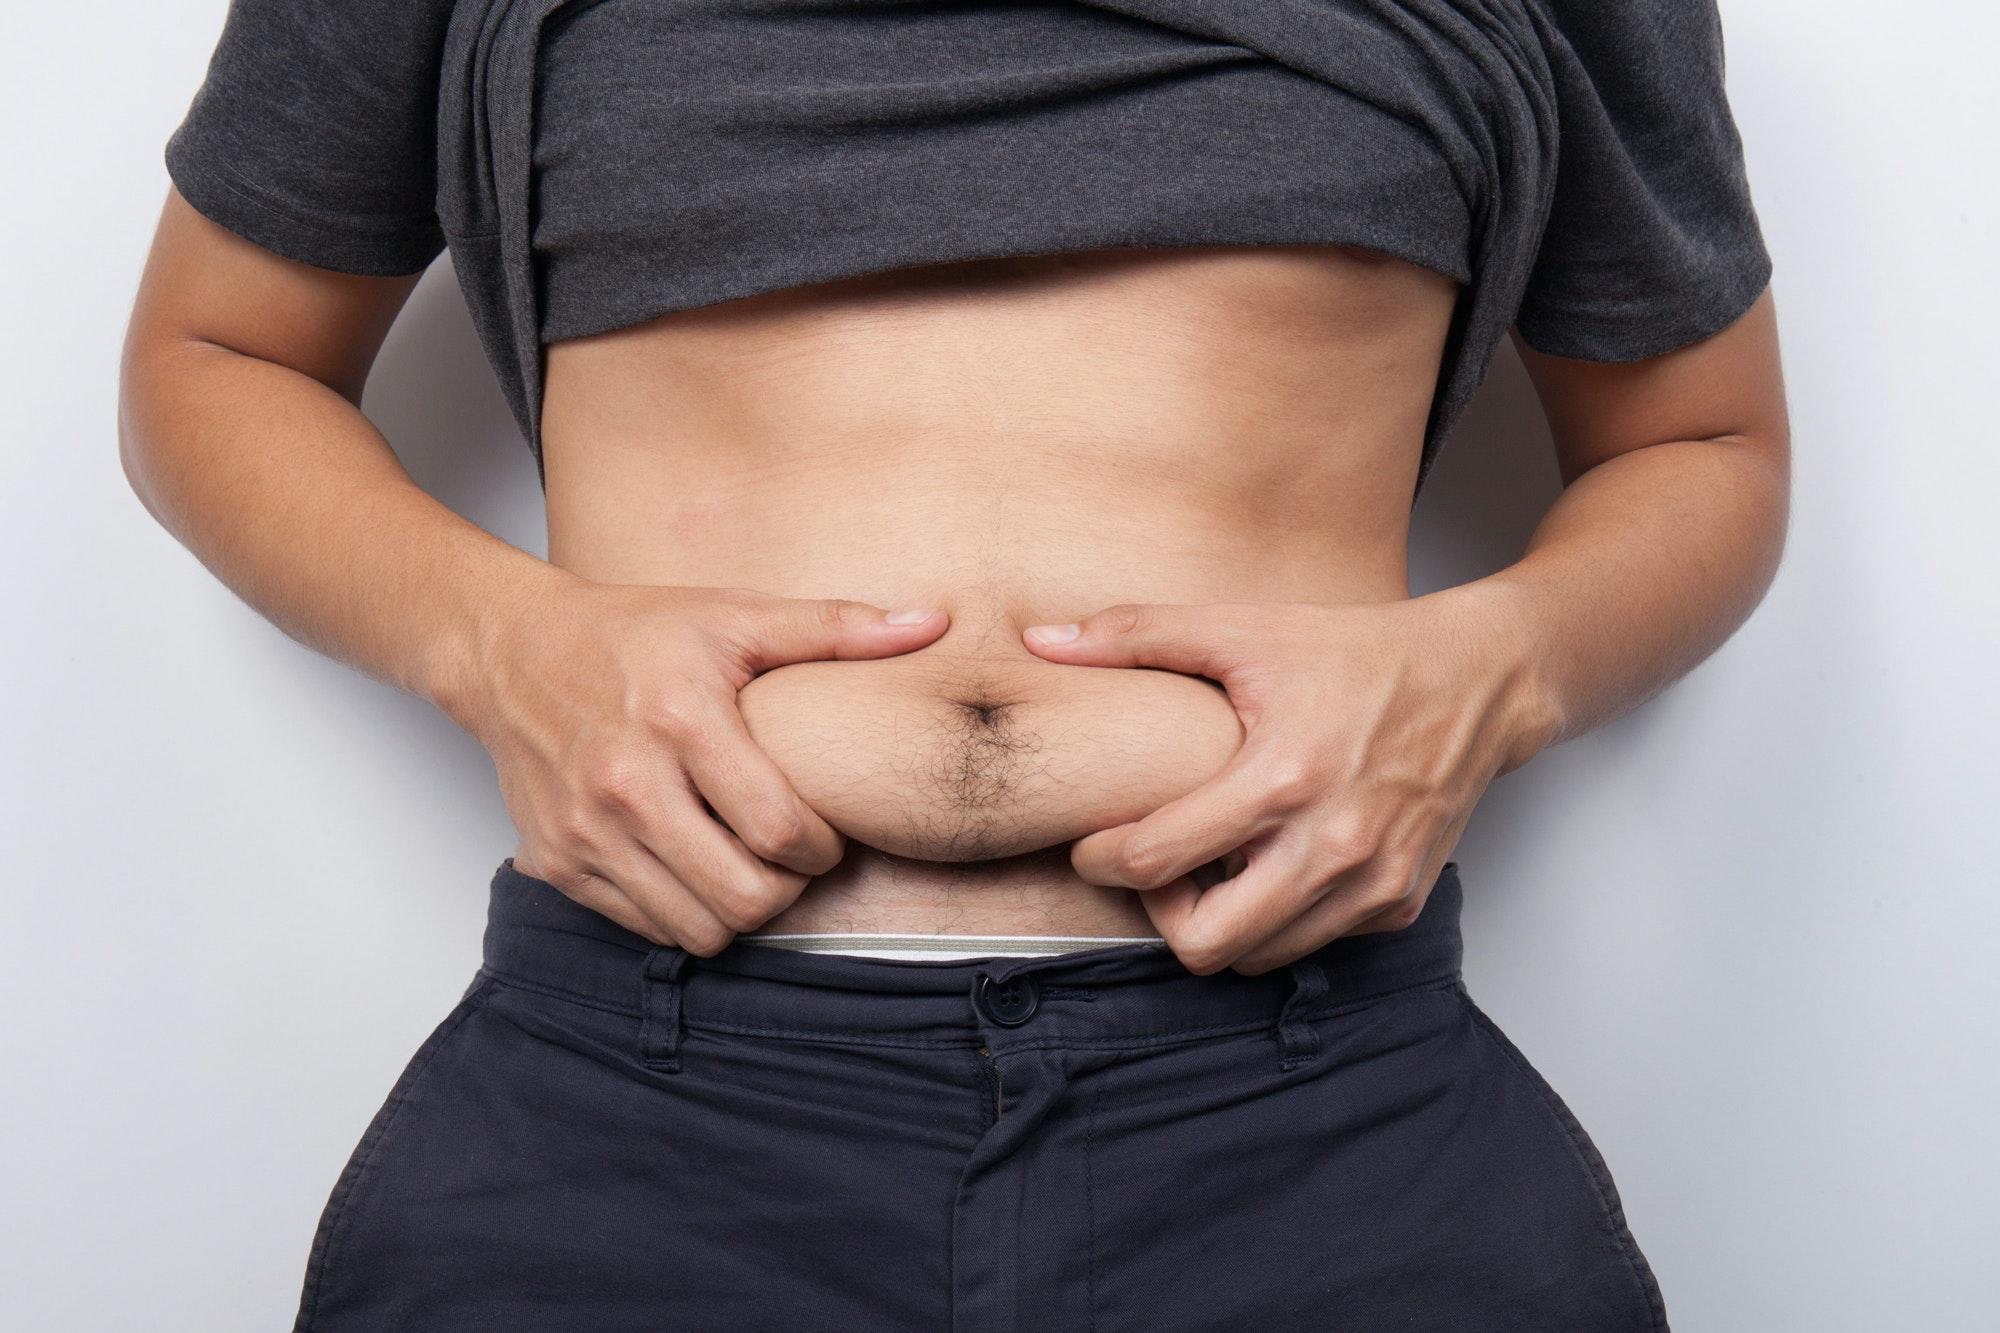 tab fedt på maven mand